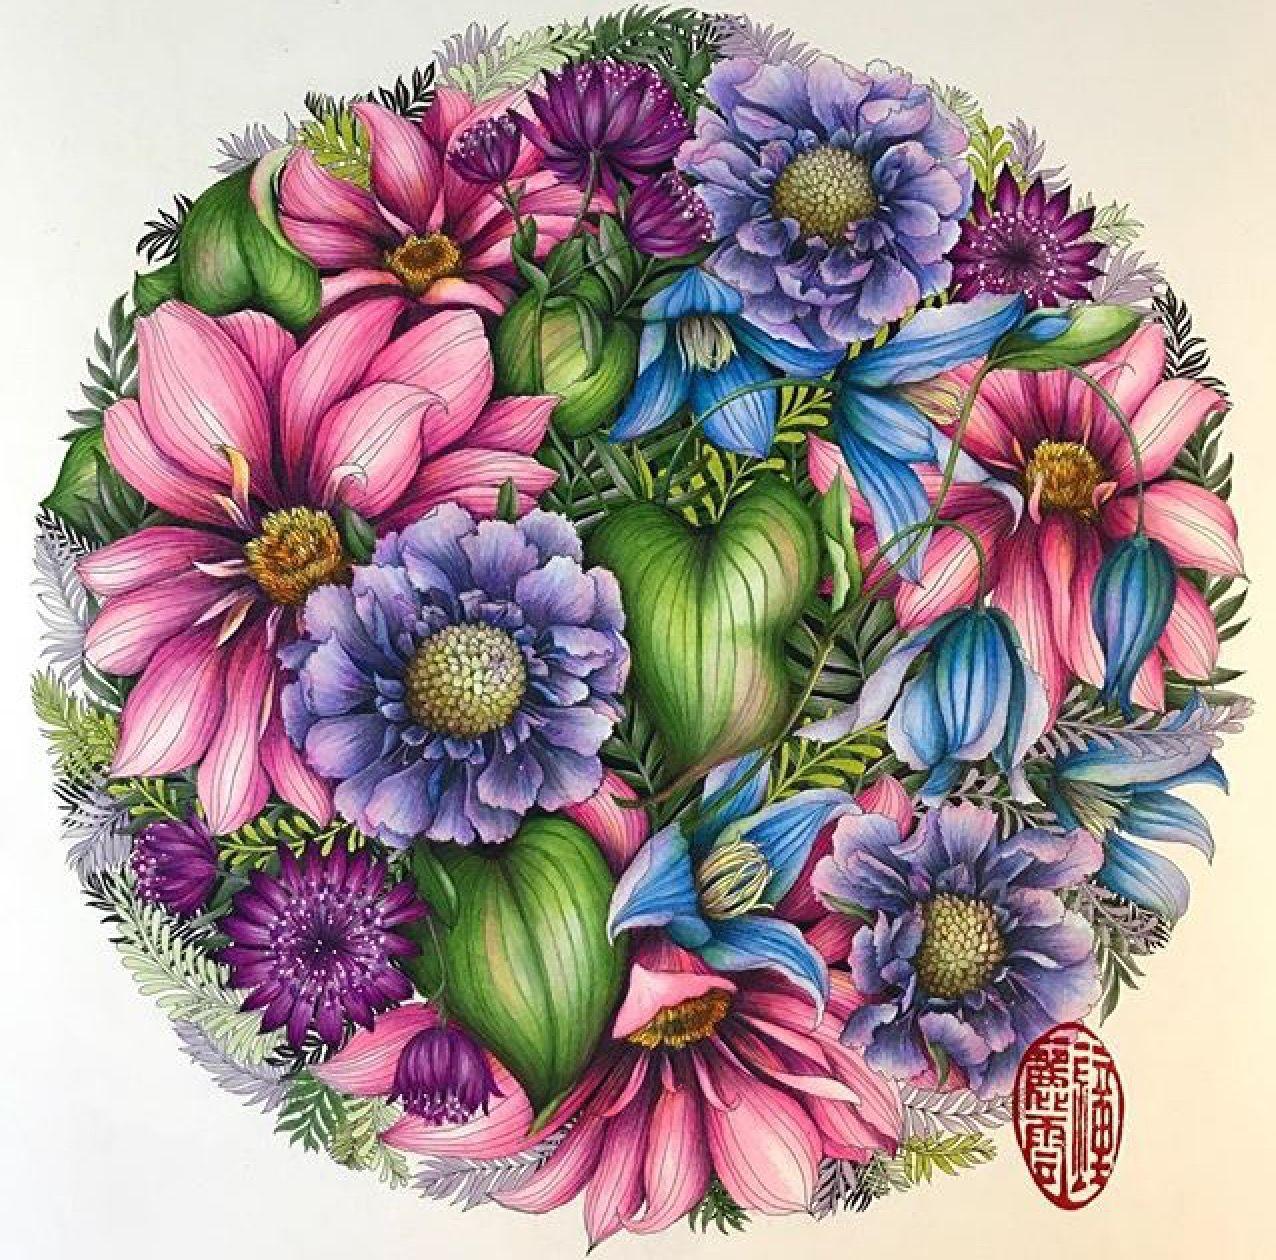 Pin de Ruth O\'Hara en Floribunda   Pinterest   Mandalas y Arte